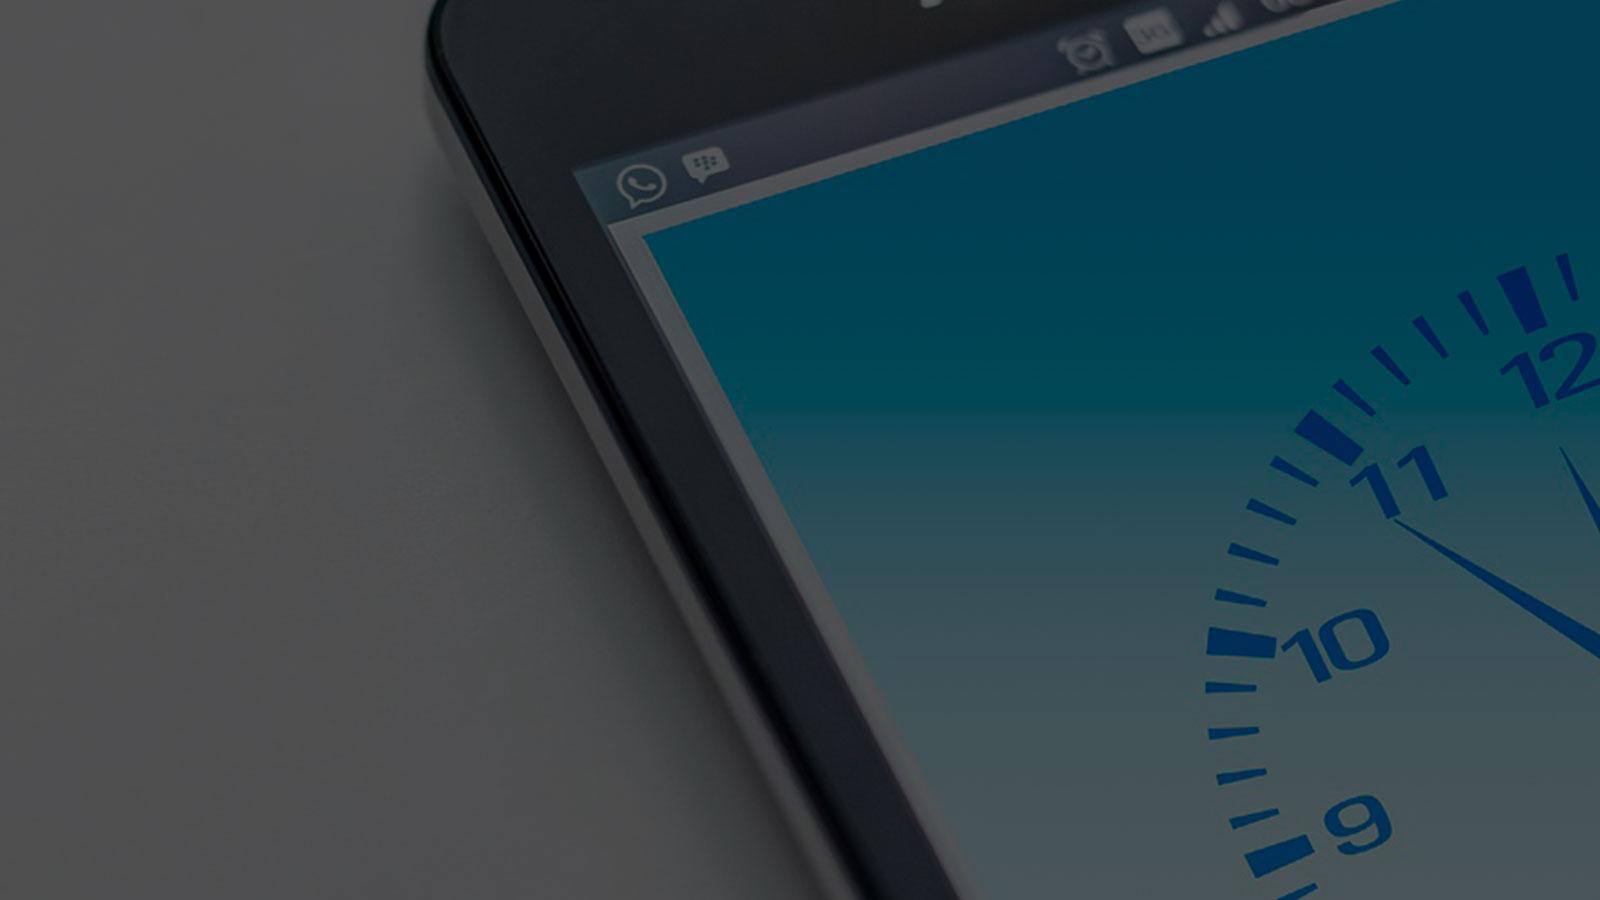 horário de funcionamento personalizável para dispositivos móveis